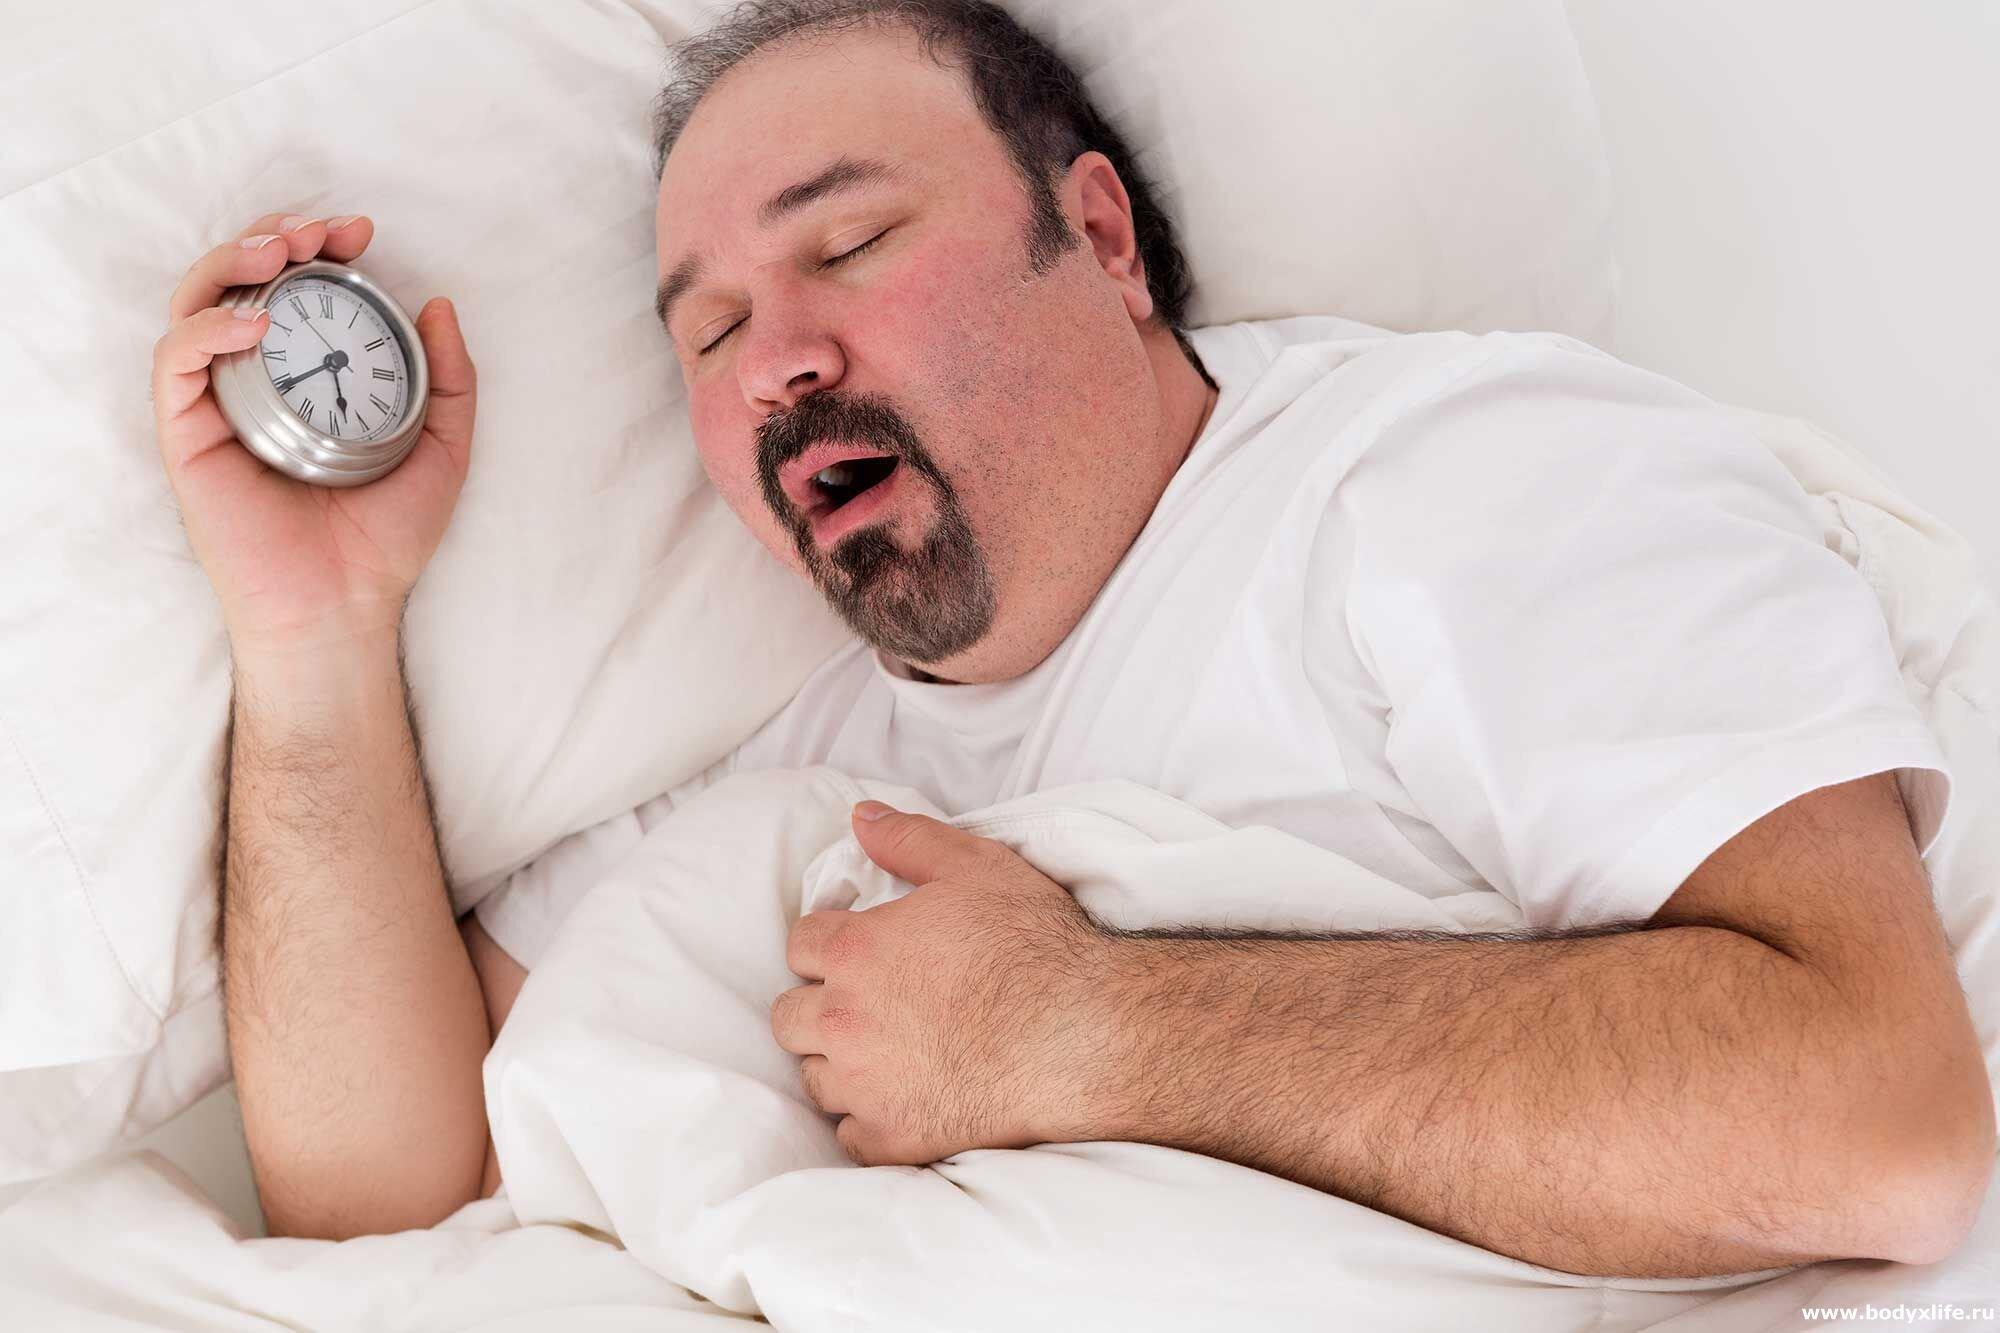 Нормы морали можно корректировать во сне